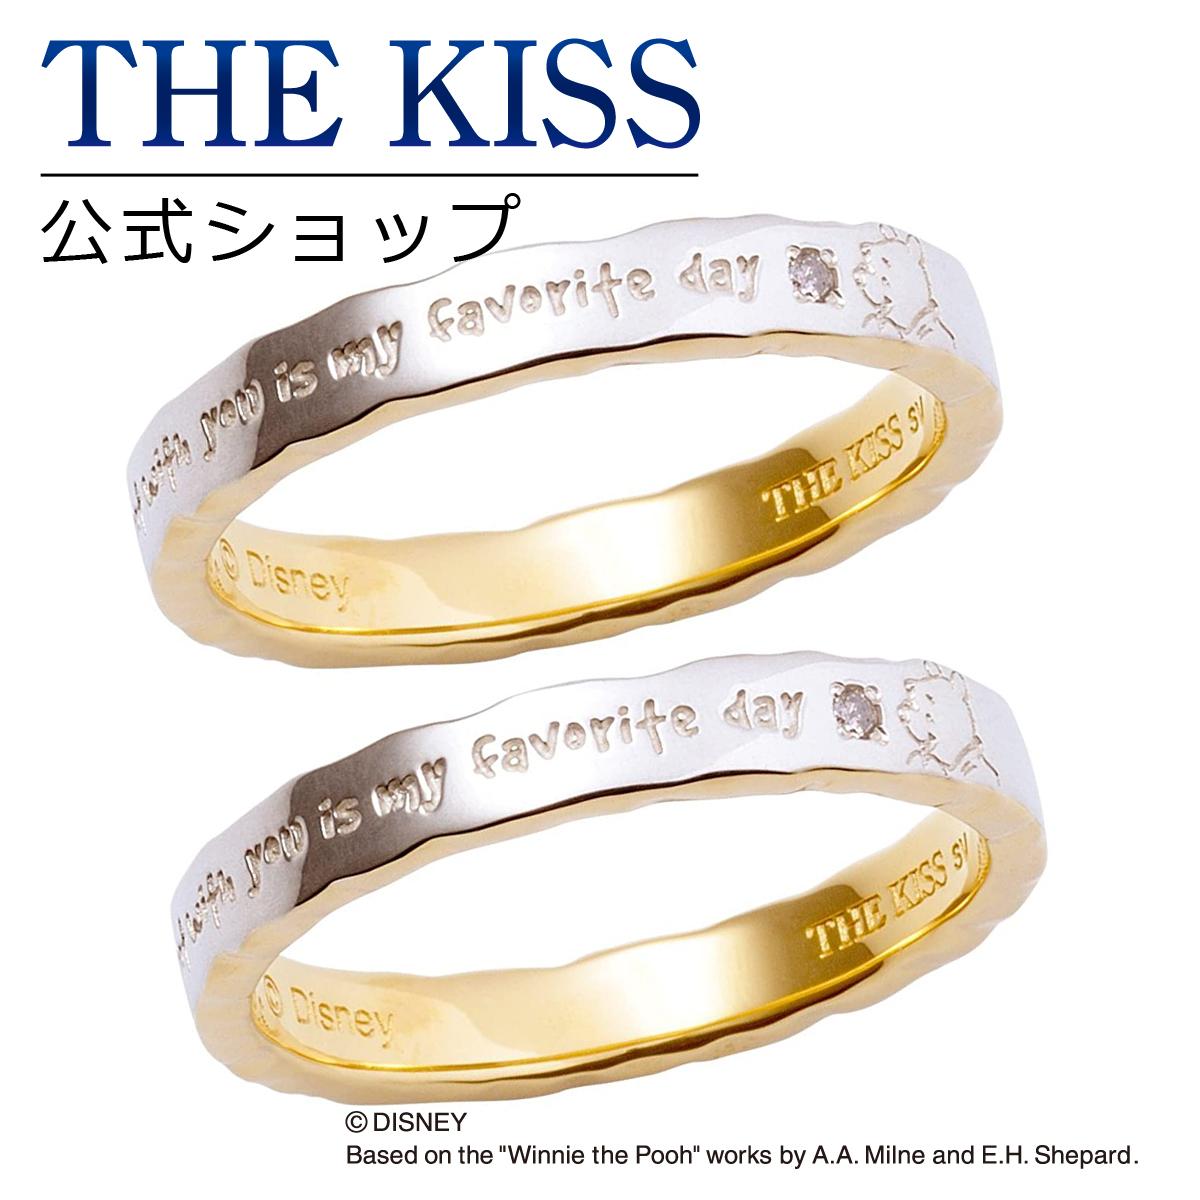 【あす楽対応】【ディズニーコレクション】 ディズニー / ペアリング / くまのプーさん / ハチミツ / THE KISS リング・指輪 シルバー キュービック (レディース メンズ 単品) DI-SR6020DM-P セット シンプル 男性 女性 2個ペア ザキス 【送料無料】